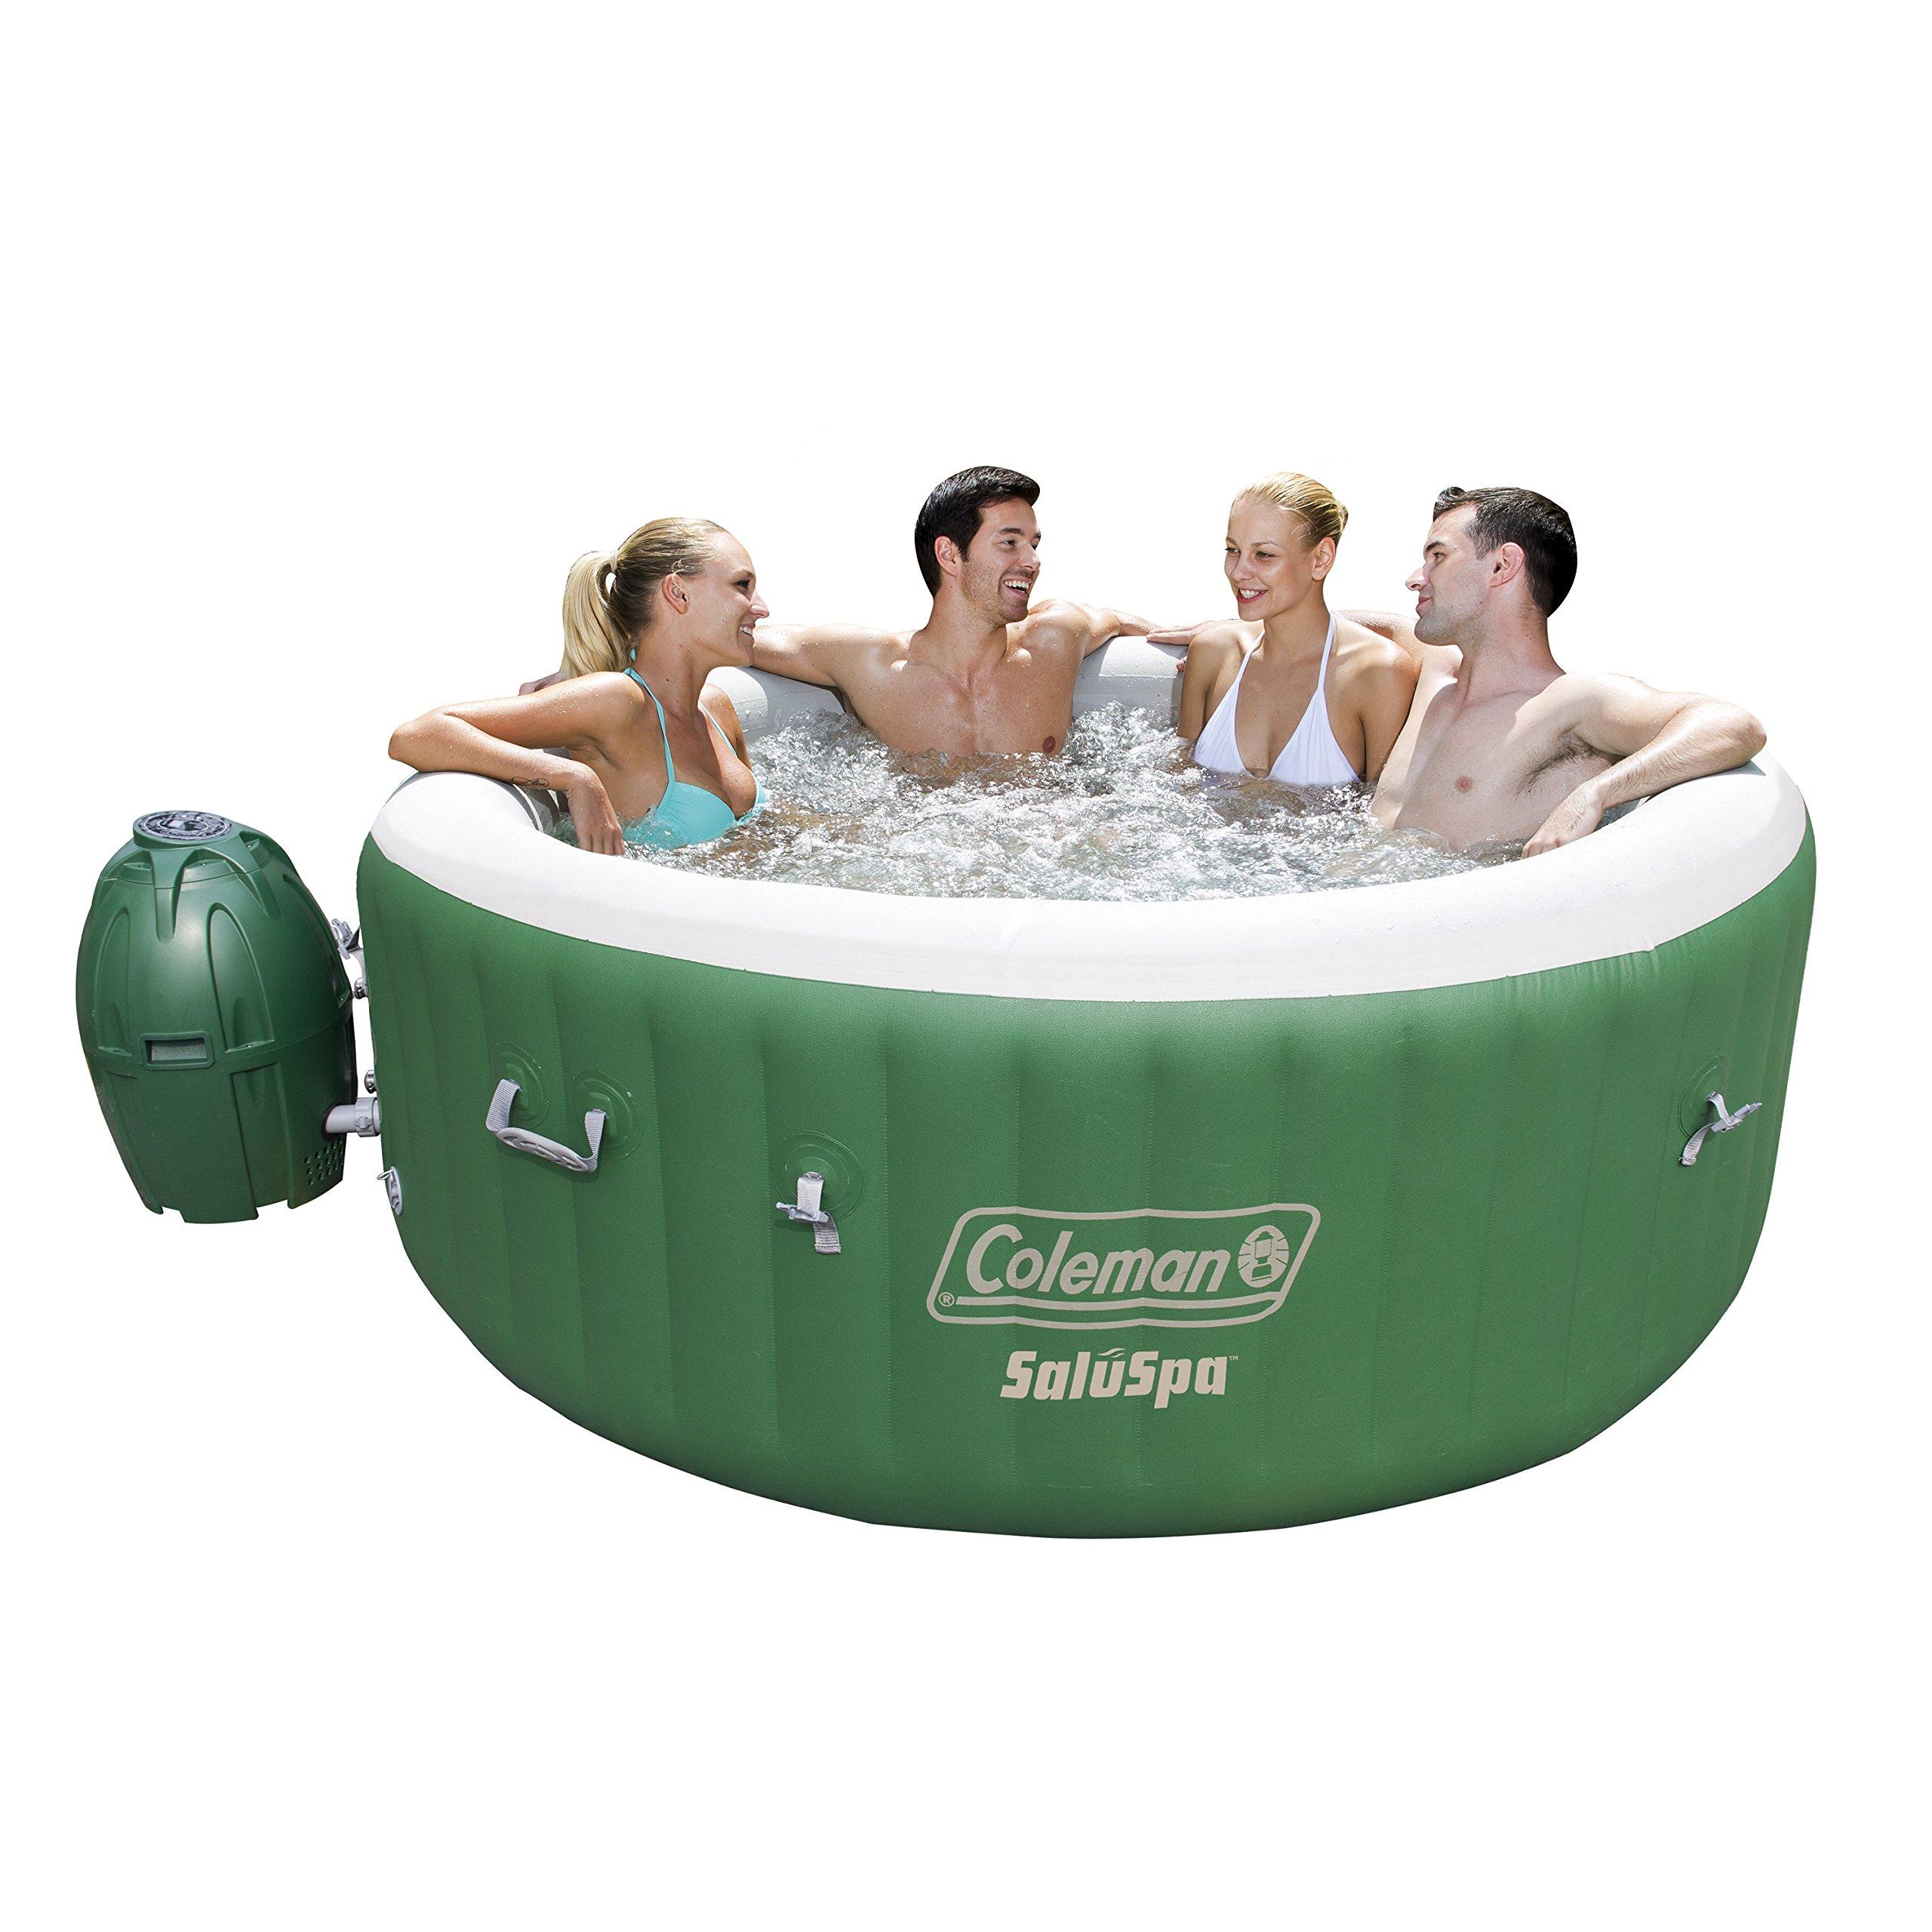 Inflatable Jacuzzi: Amazon.com